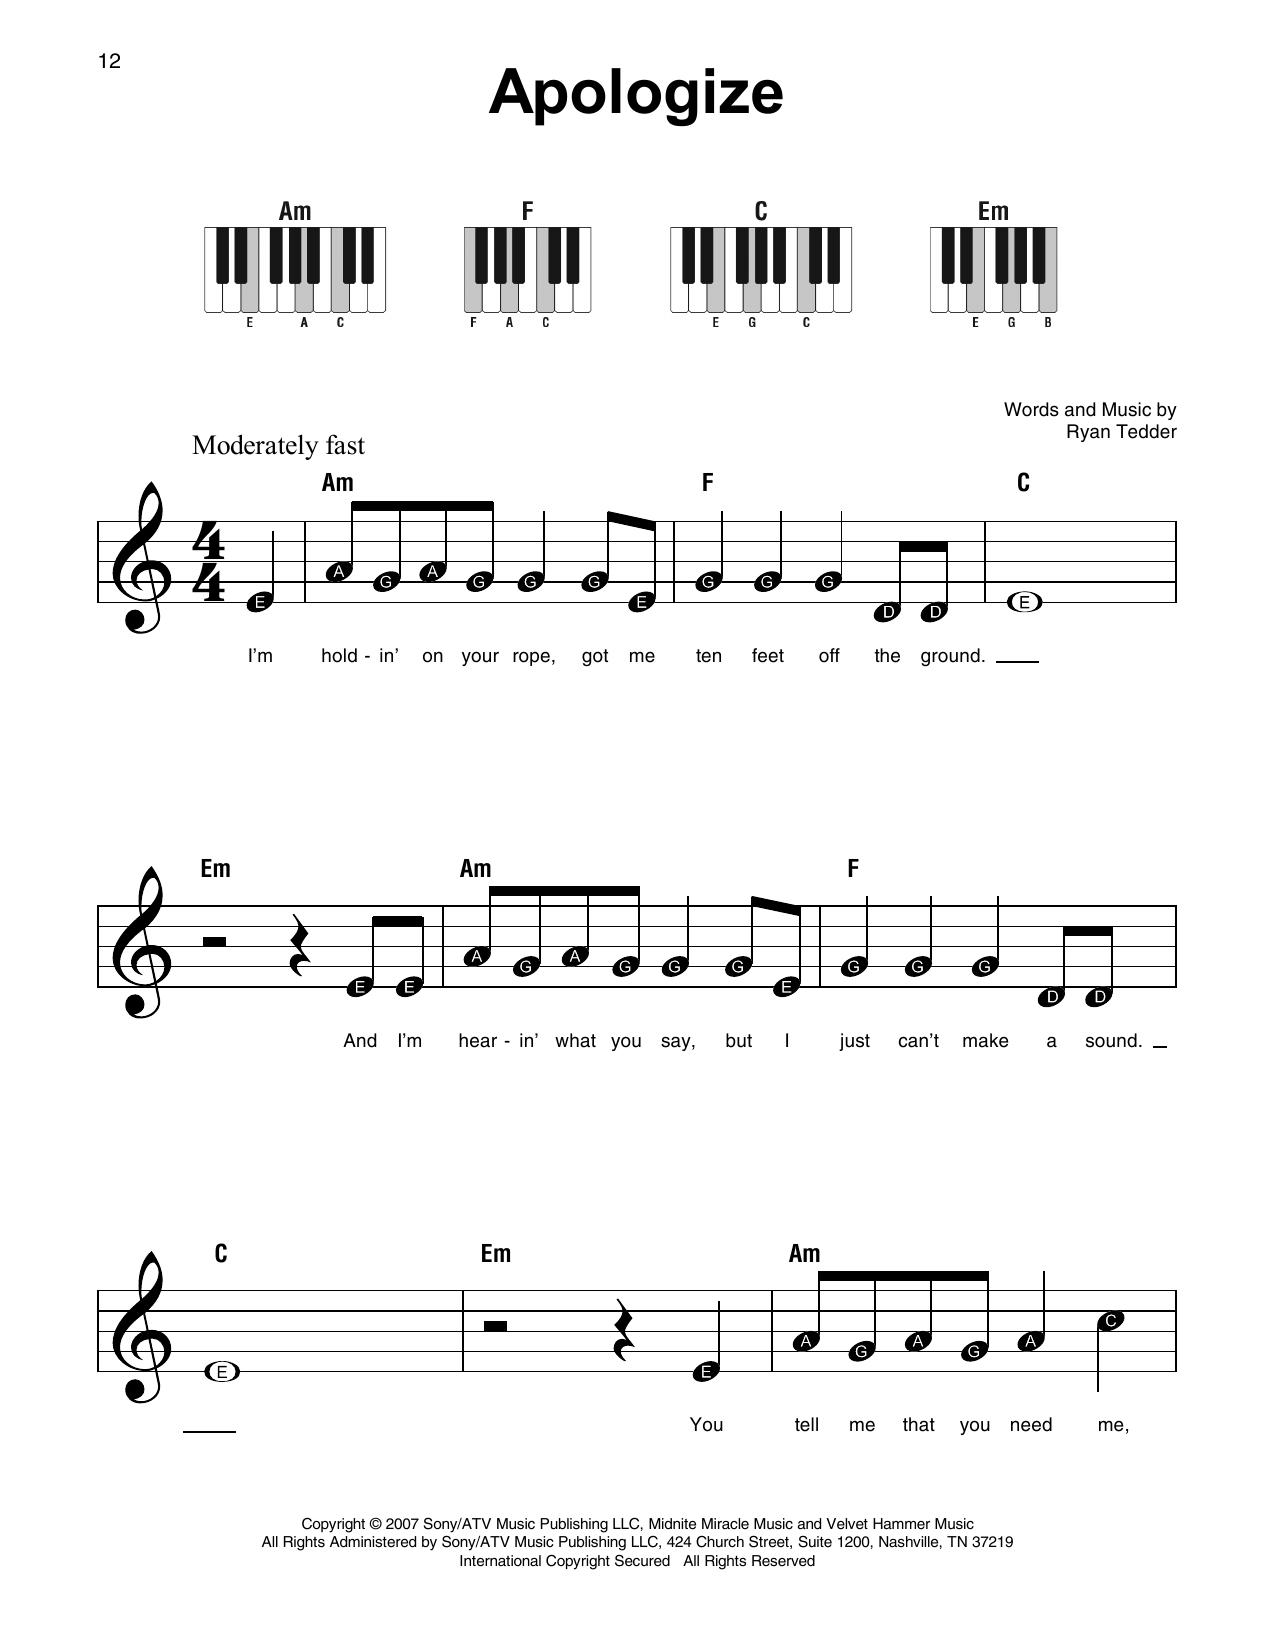 Apologize (Feat. Onerepublic) Sheet Music   Timbaland   Super Easy Piano - Apologize Piano Sheet Music Free Printable